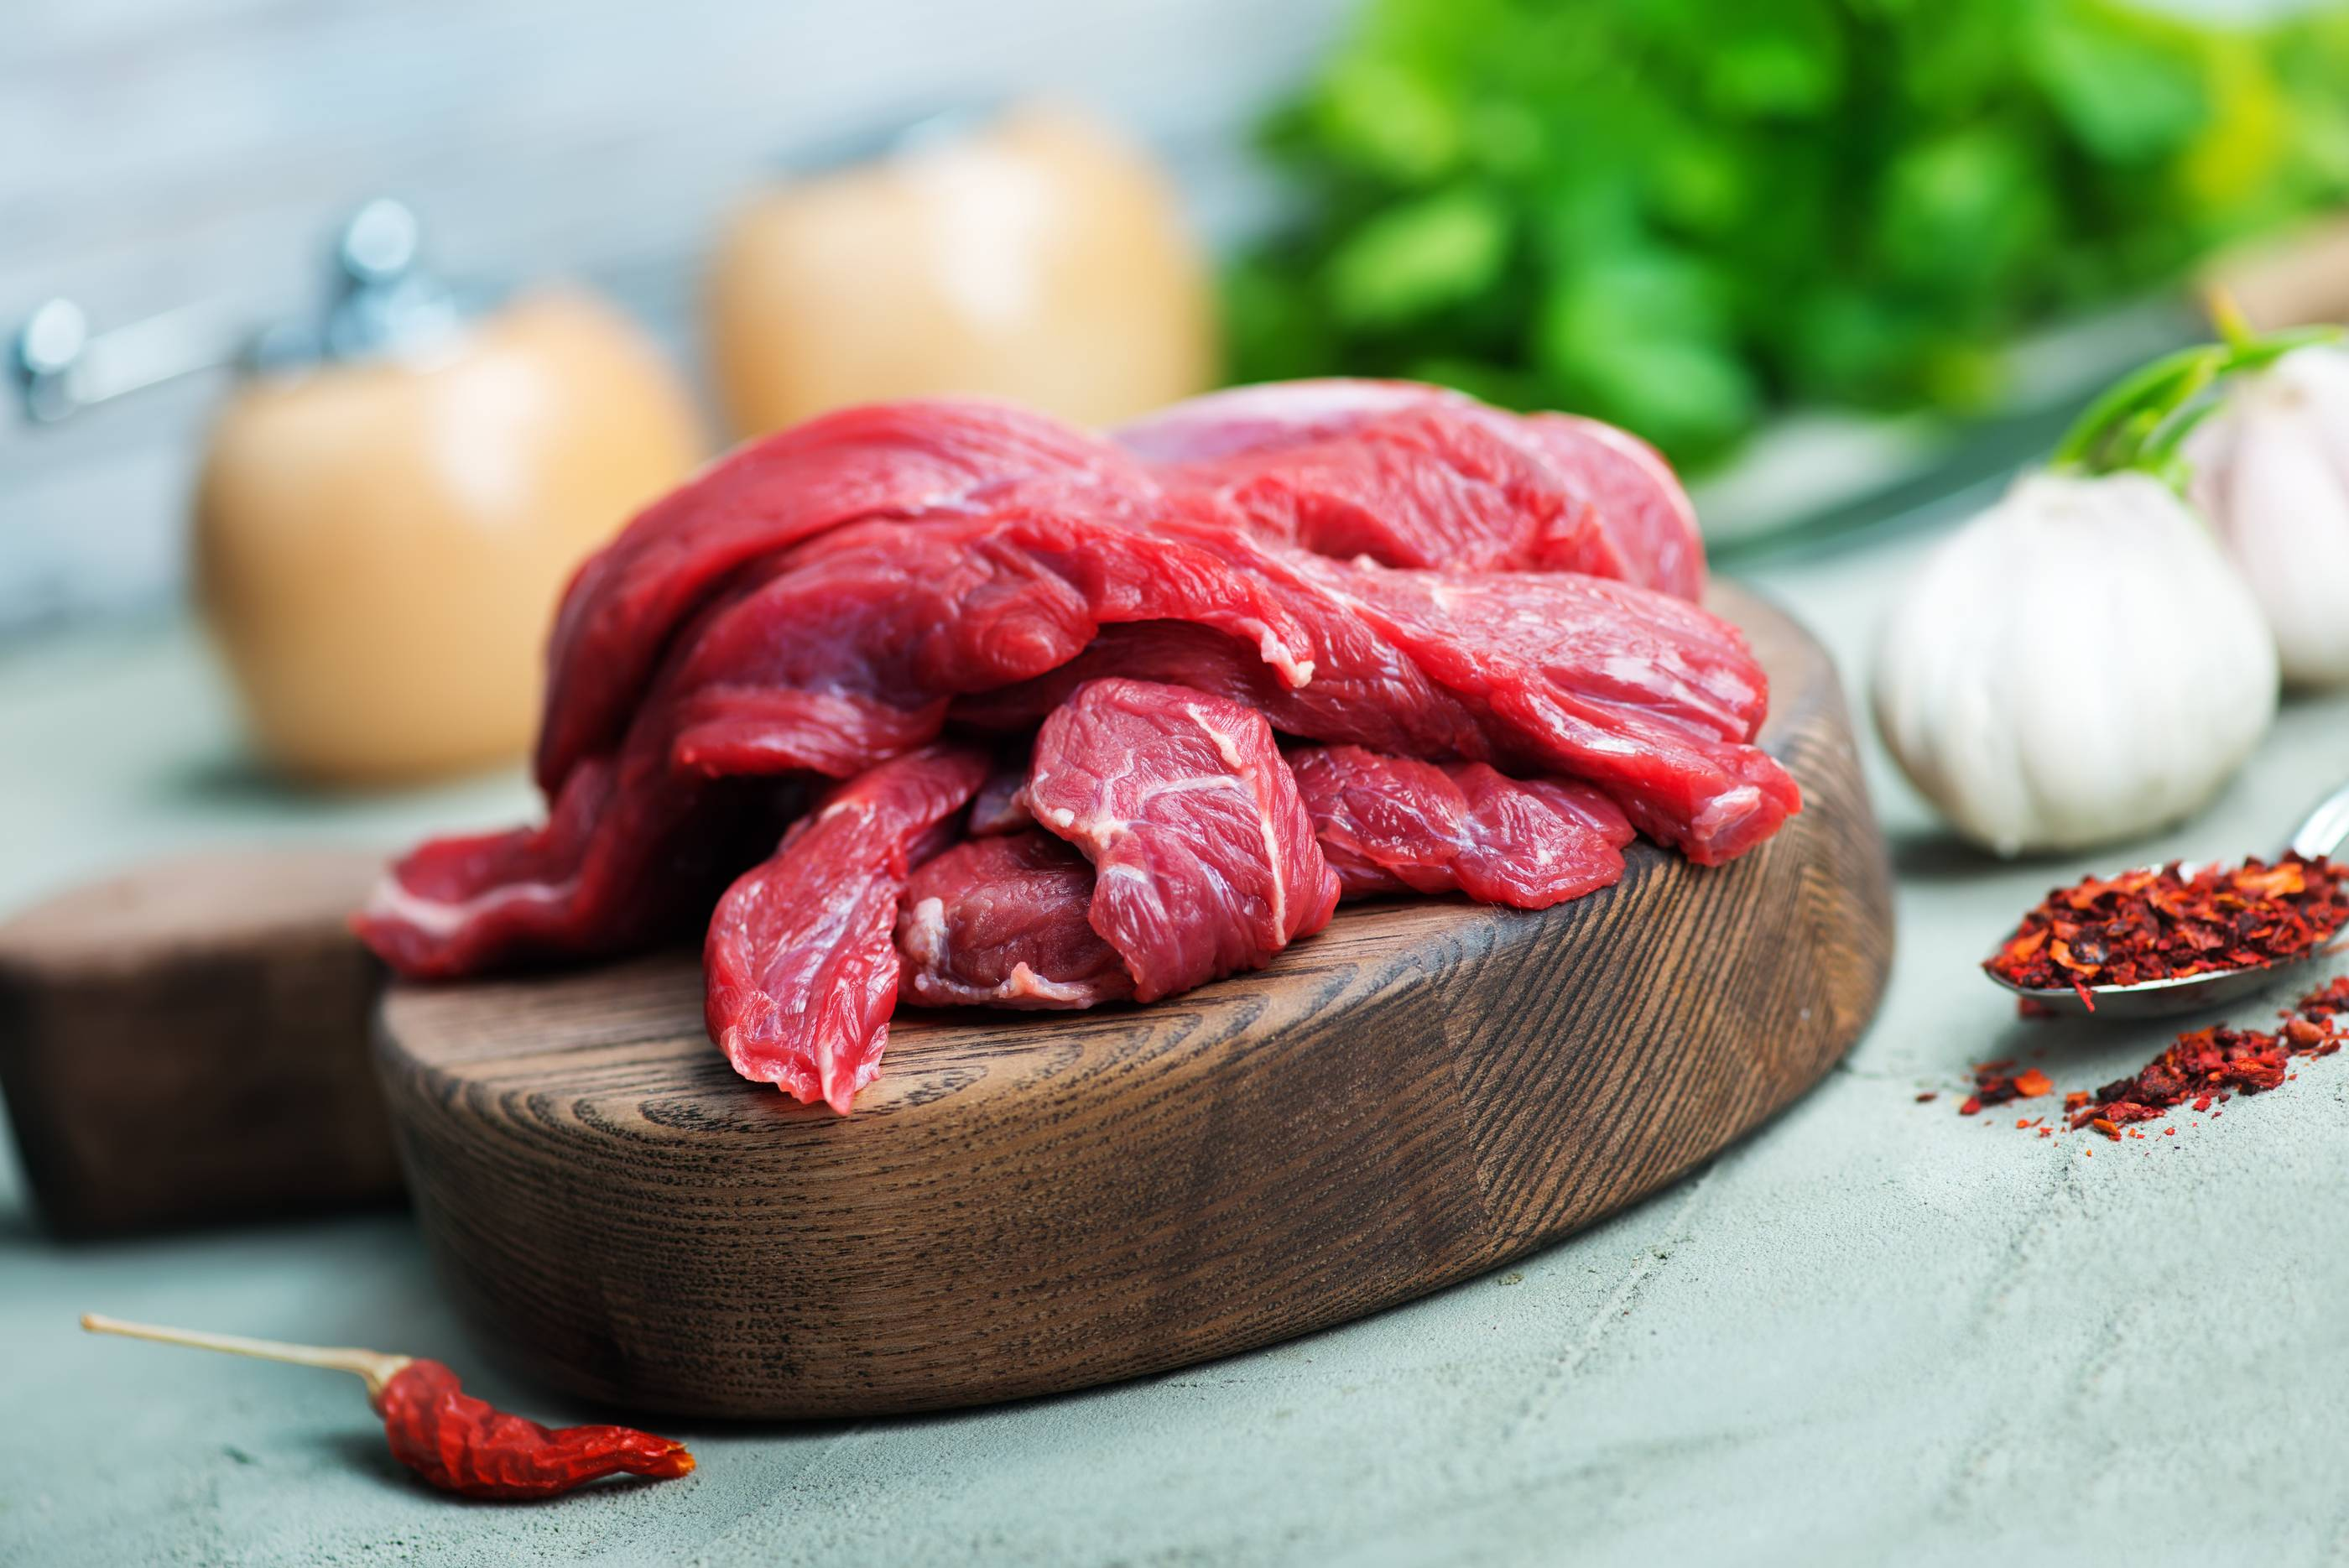 Rotes Fleisch ist noch ungesünder als gedacht